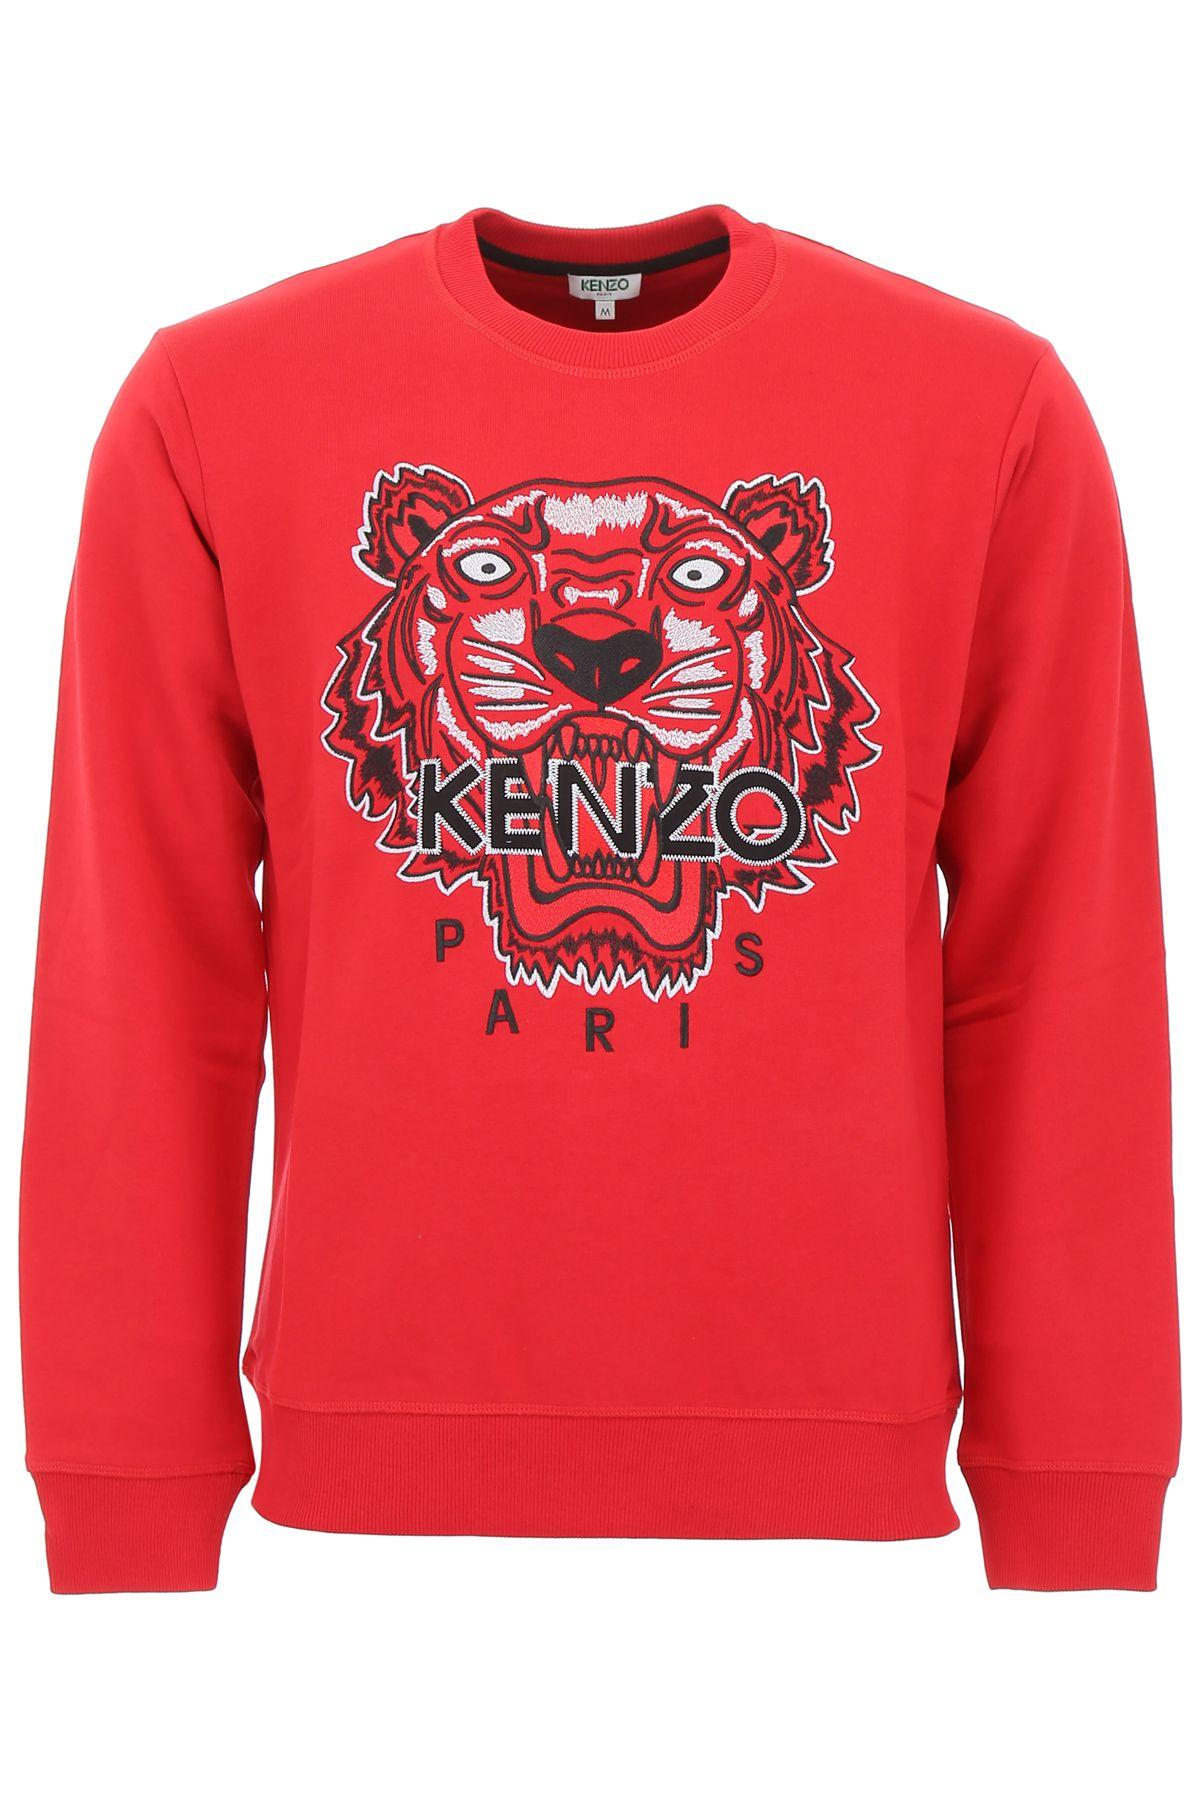 be946712 Kenzo Kenzo Tiger Sweatshirt - ROUGE MOYEN (Red) - 10961979 | italist